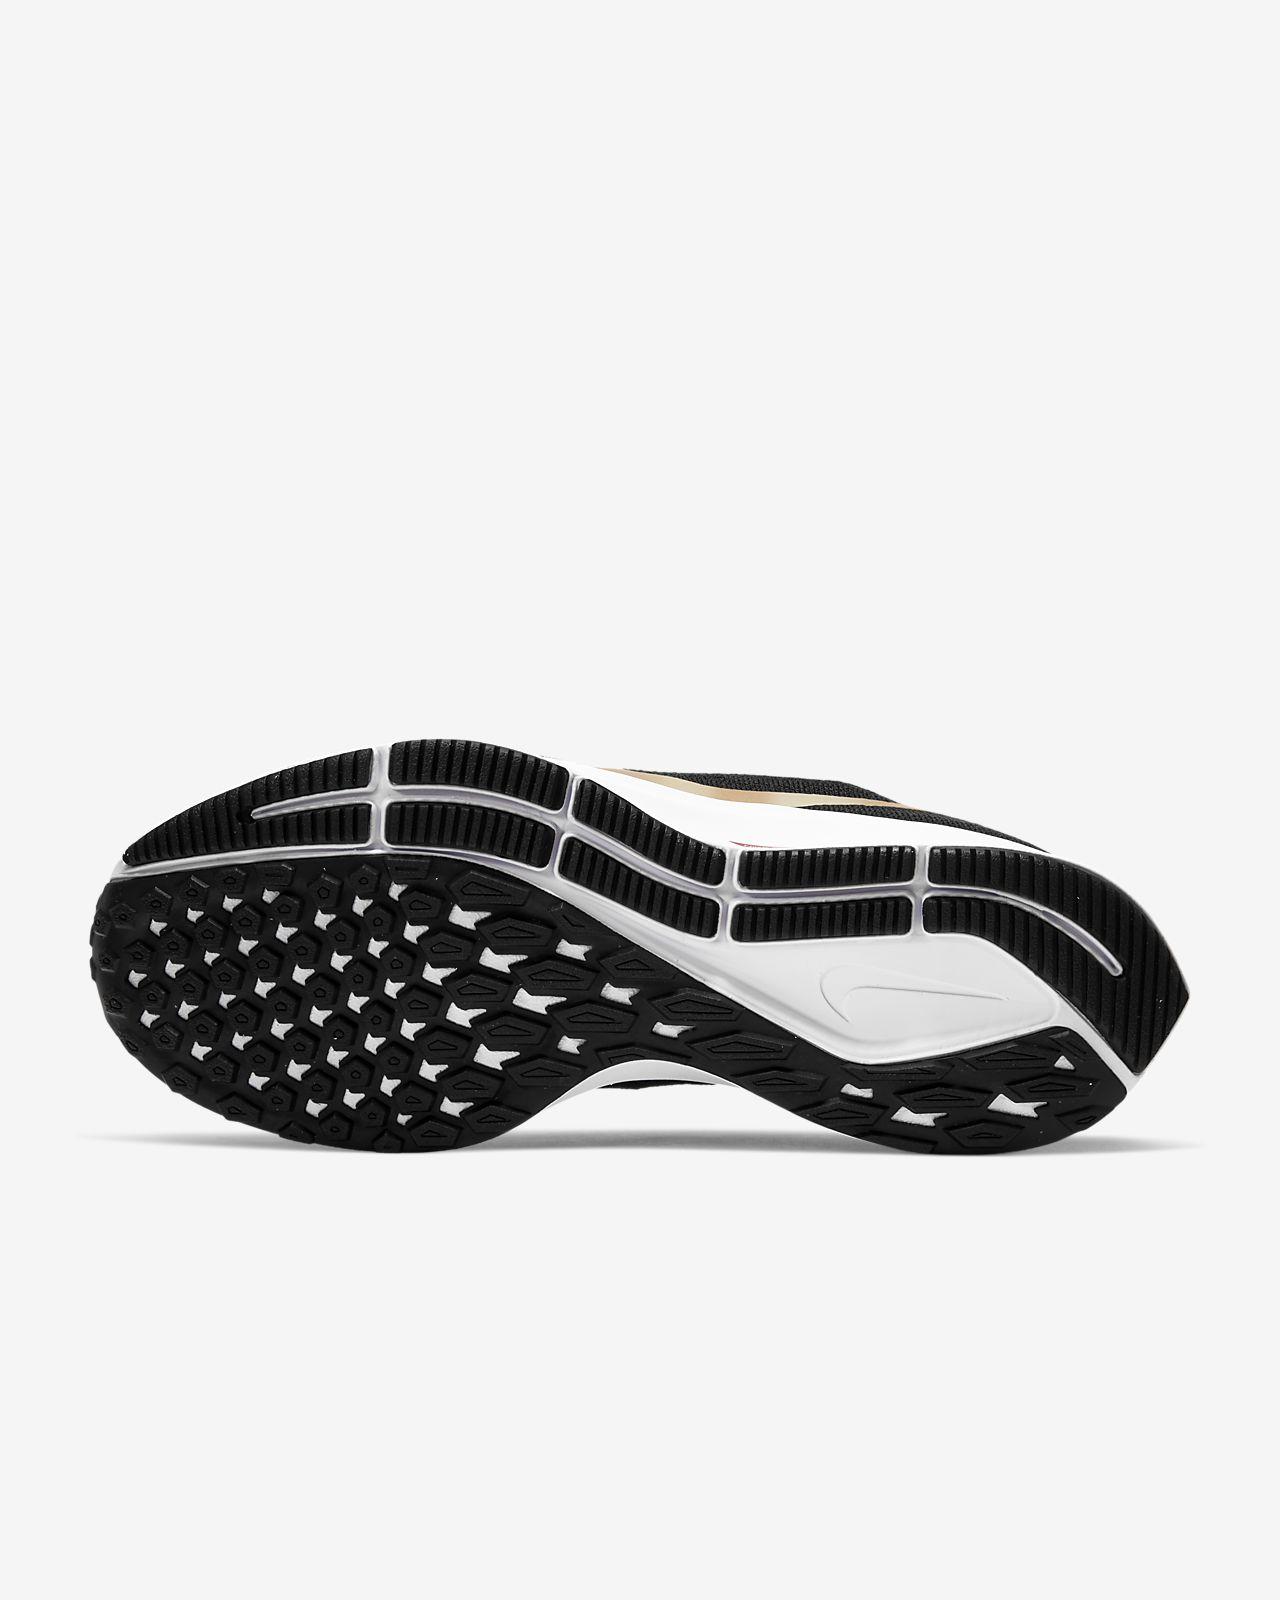 Giày thể thao nữ-Nike Air Zoom Pegasus 36 AQ2210 008